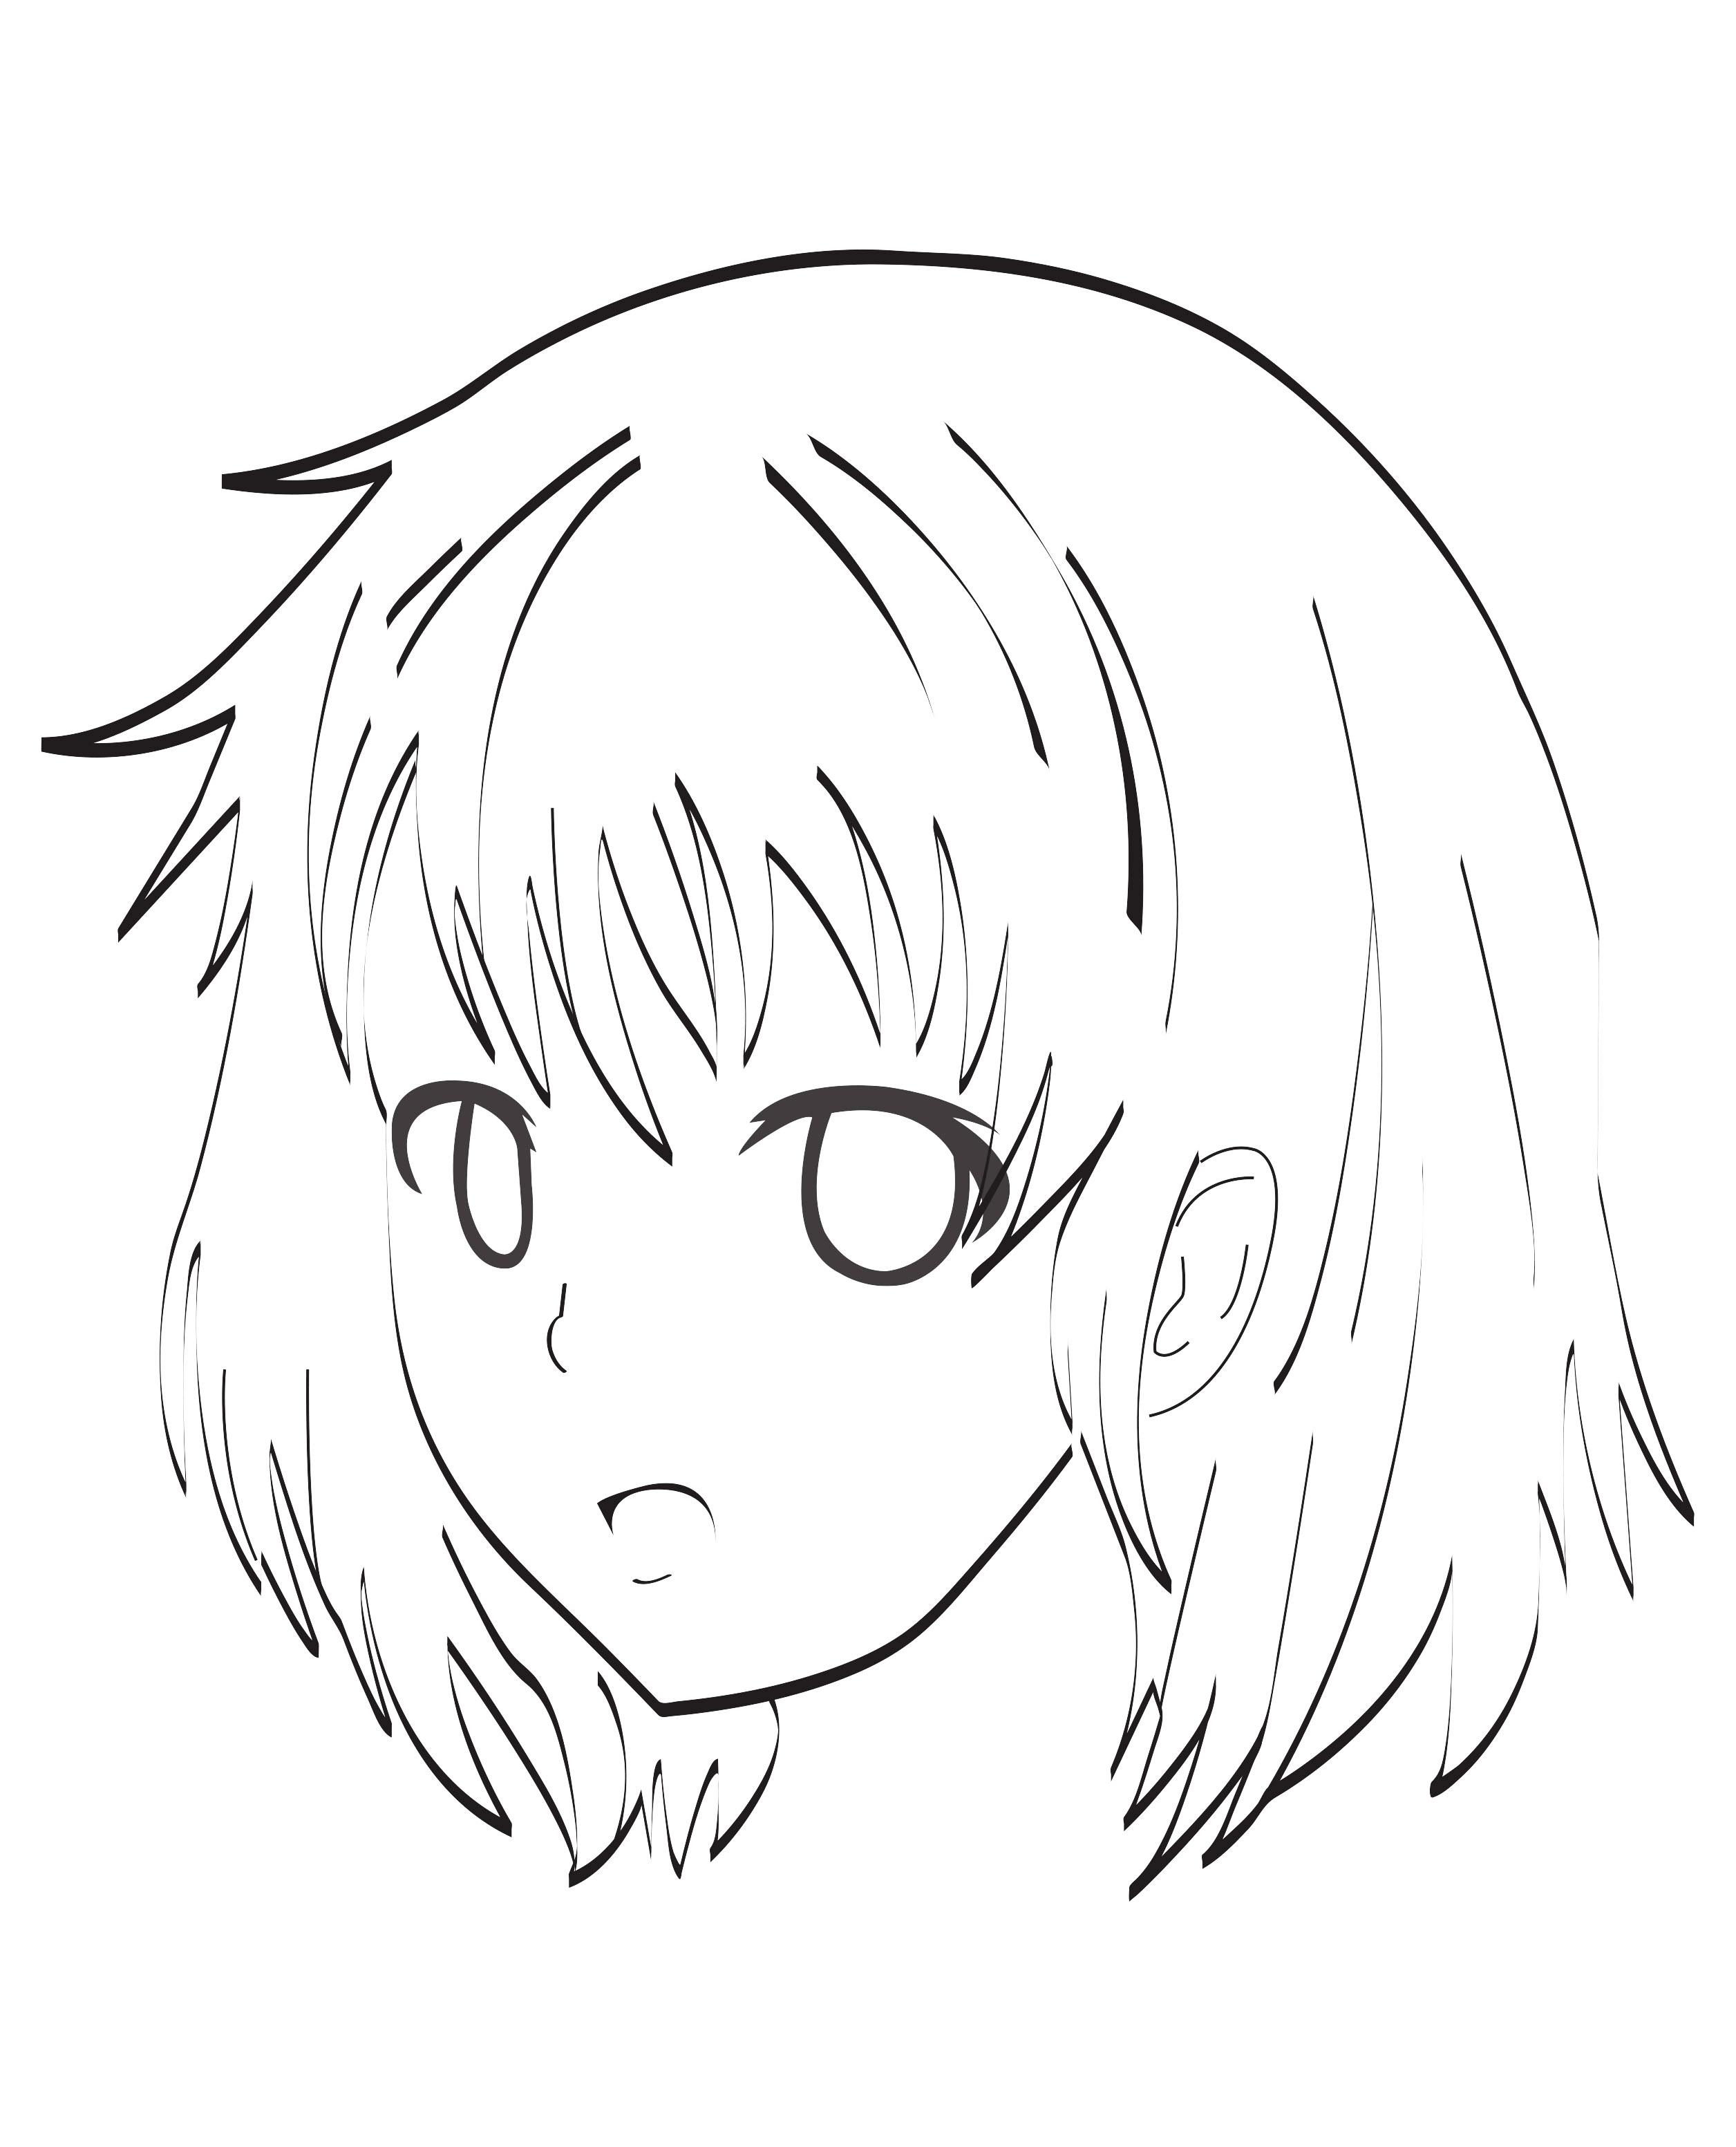 Free manga coloring page to download